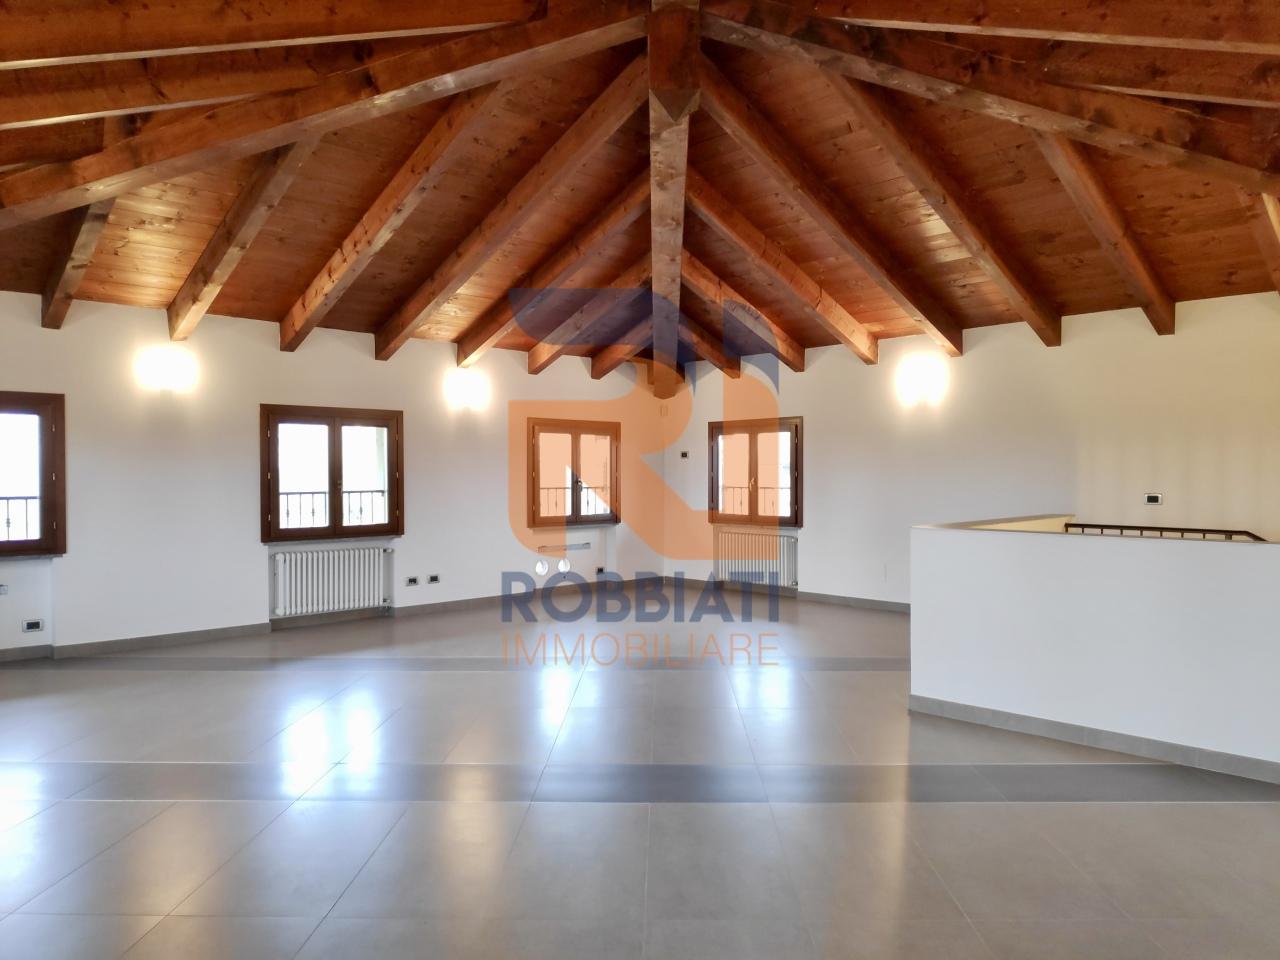 Appartamento in vendita a San Martino Siccomario, 5 locali, prezzo € 288.000 | PortaleAgenzieImmobiliari.it